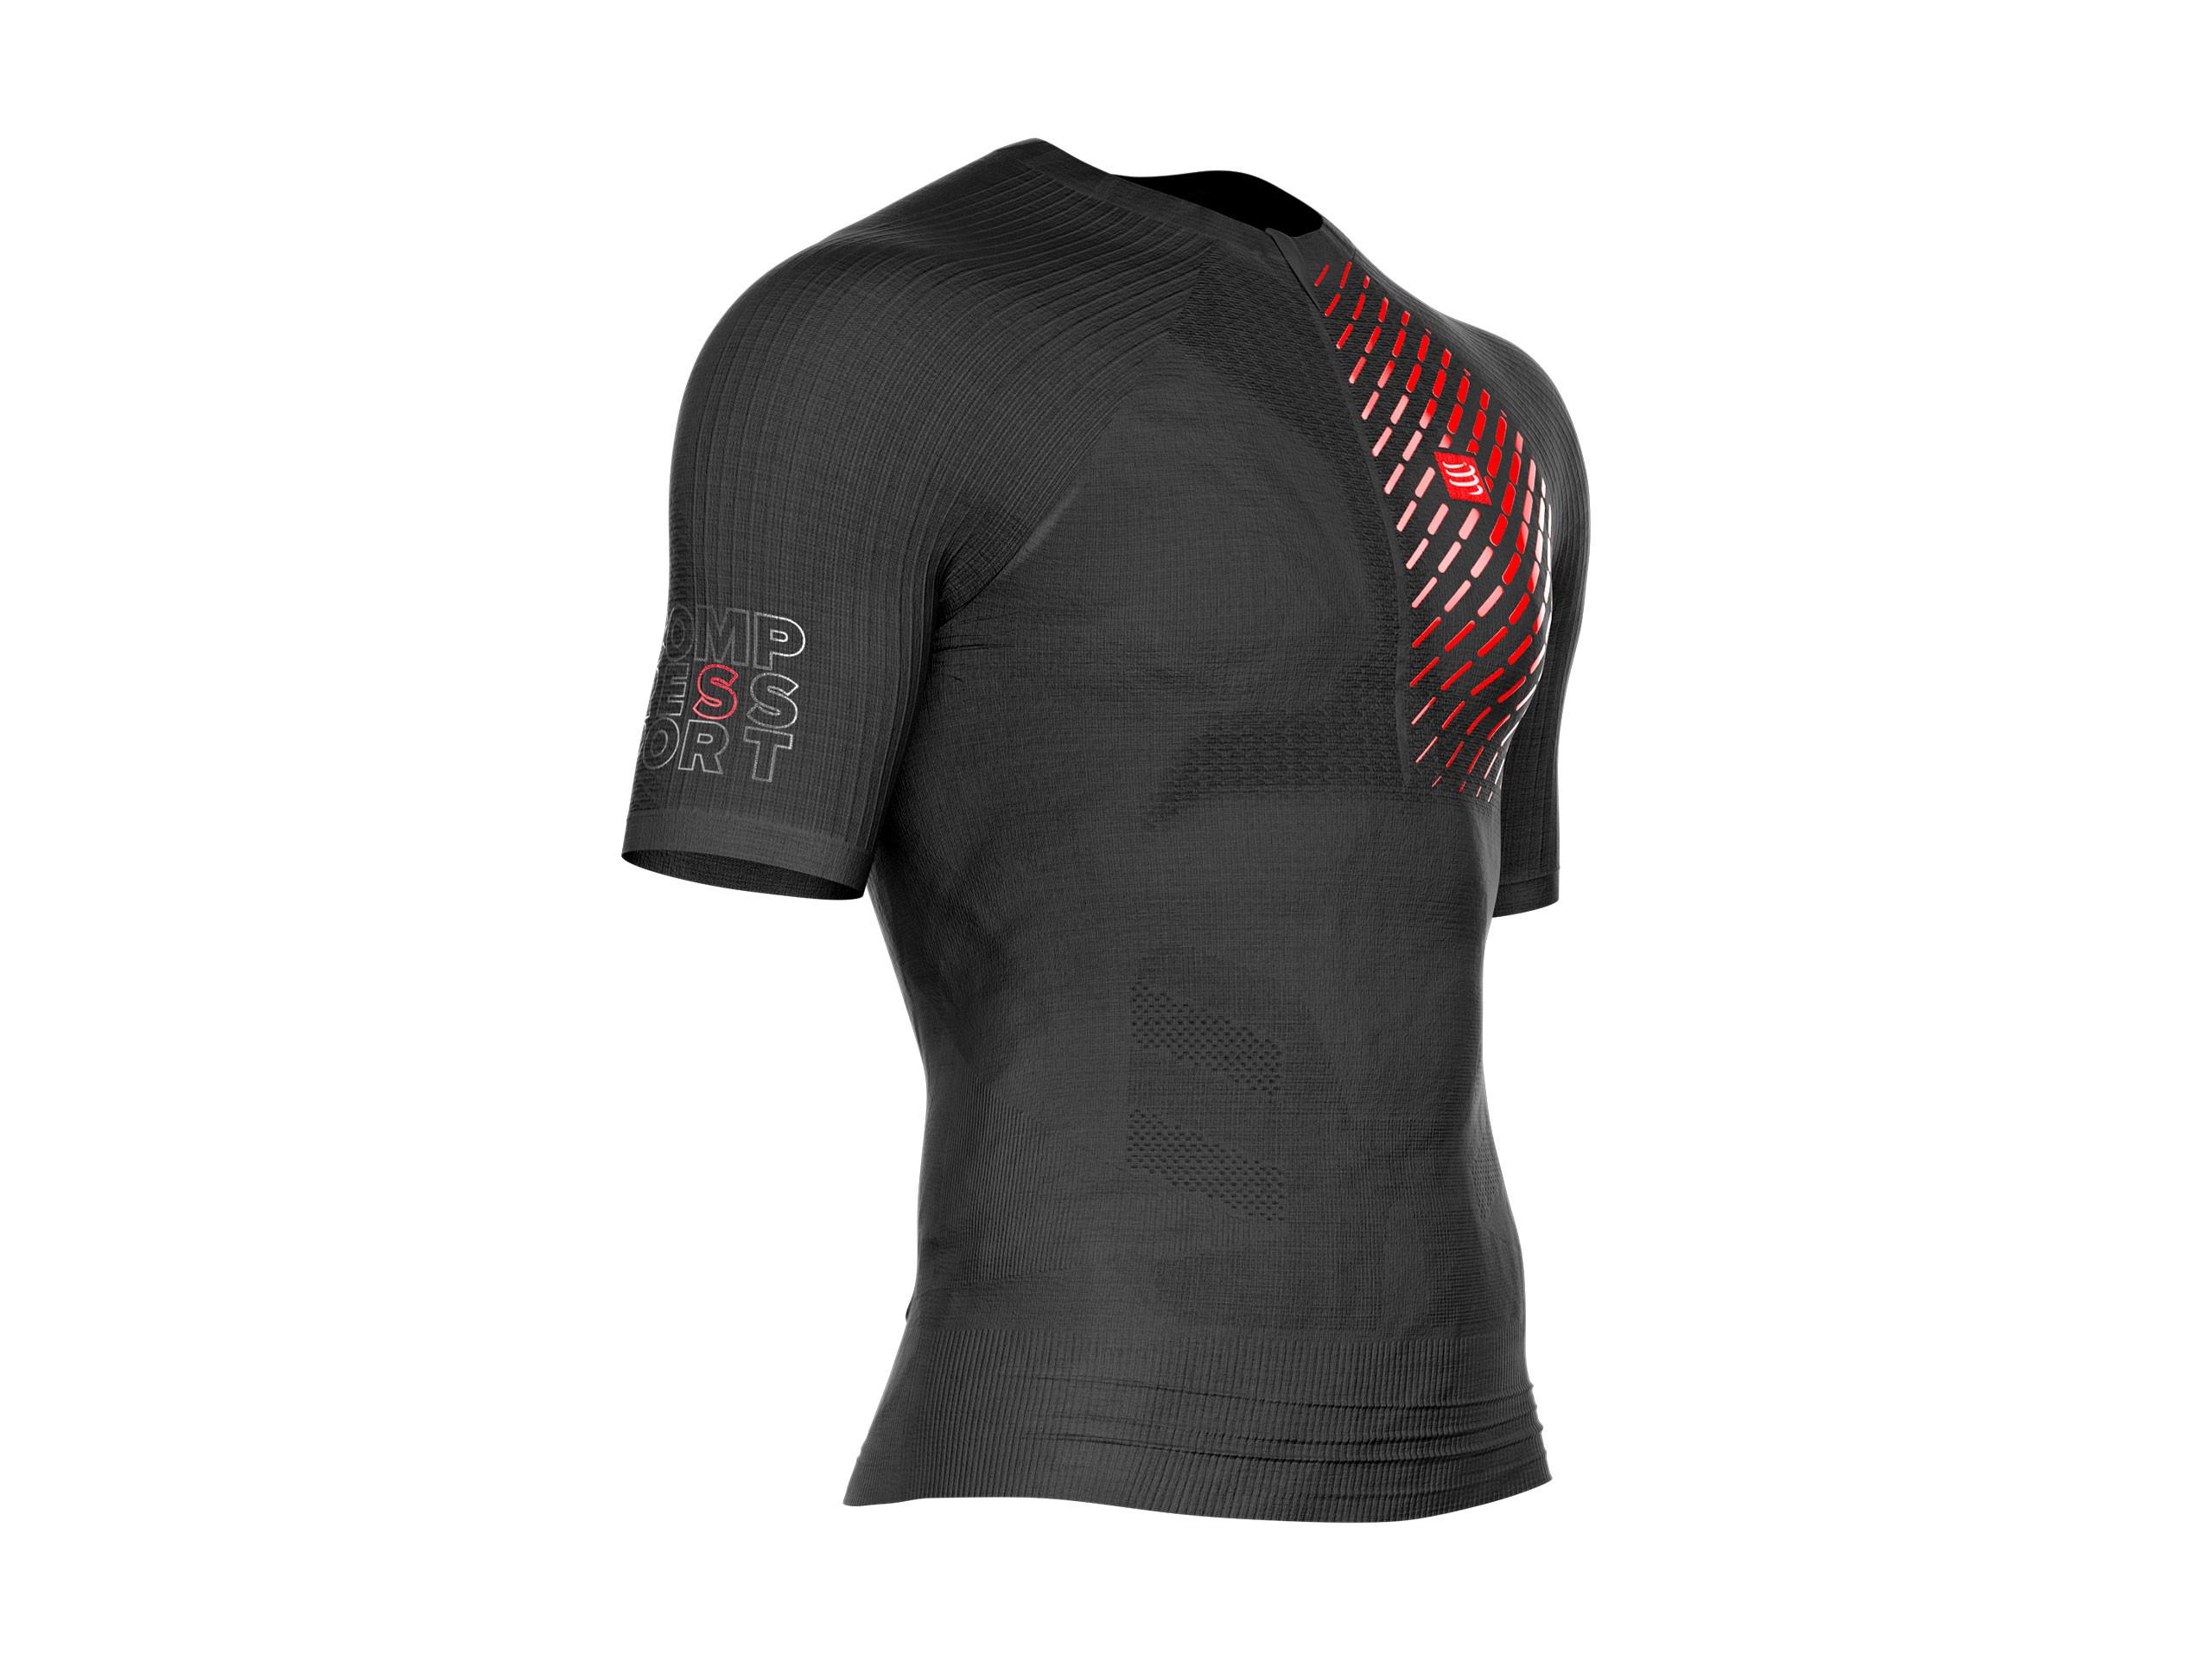 Camiseta MC postural de trail running negra